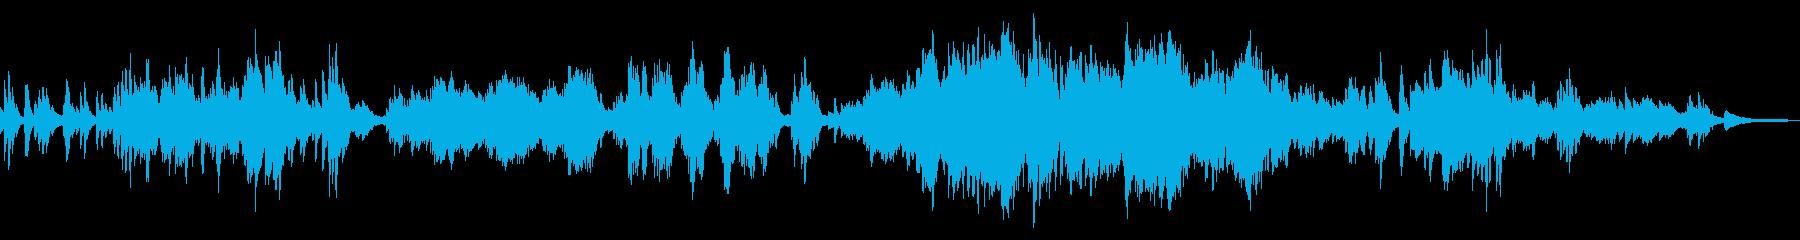 センチメンタル/冷たい和風ピアノソロ26の再生済みの波形